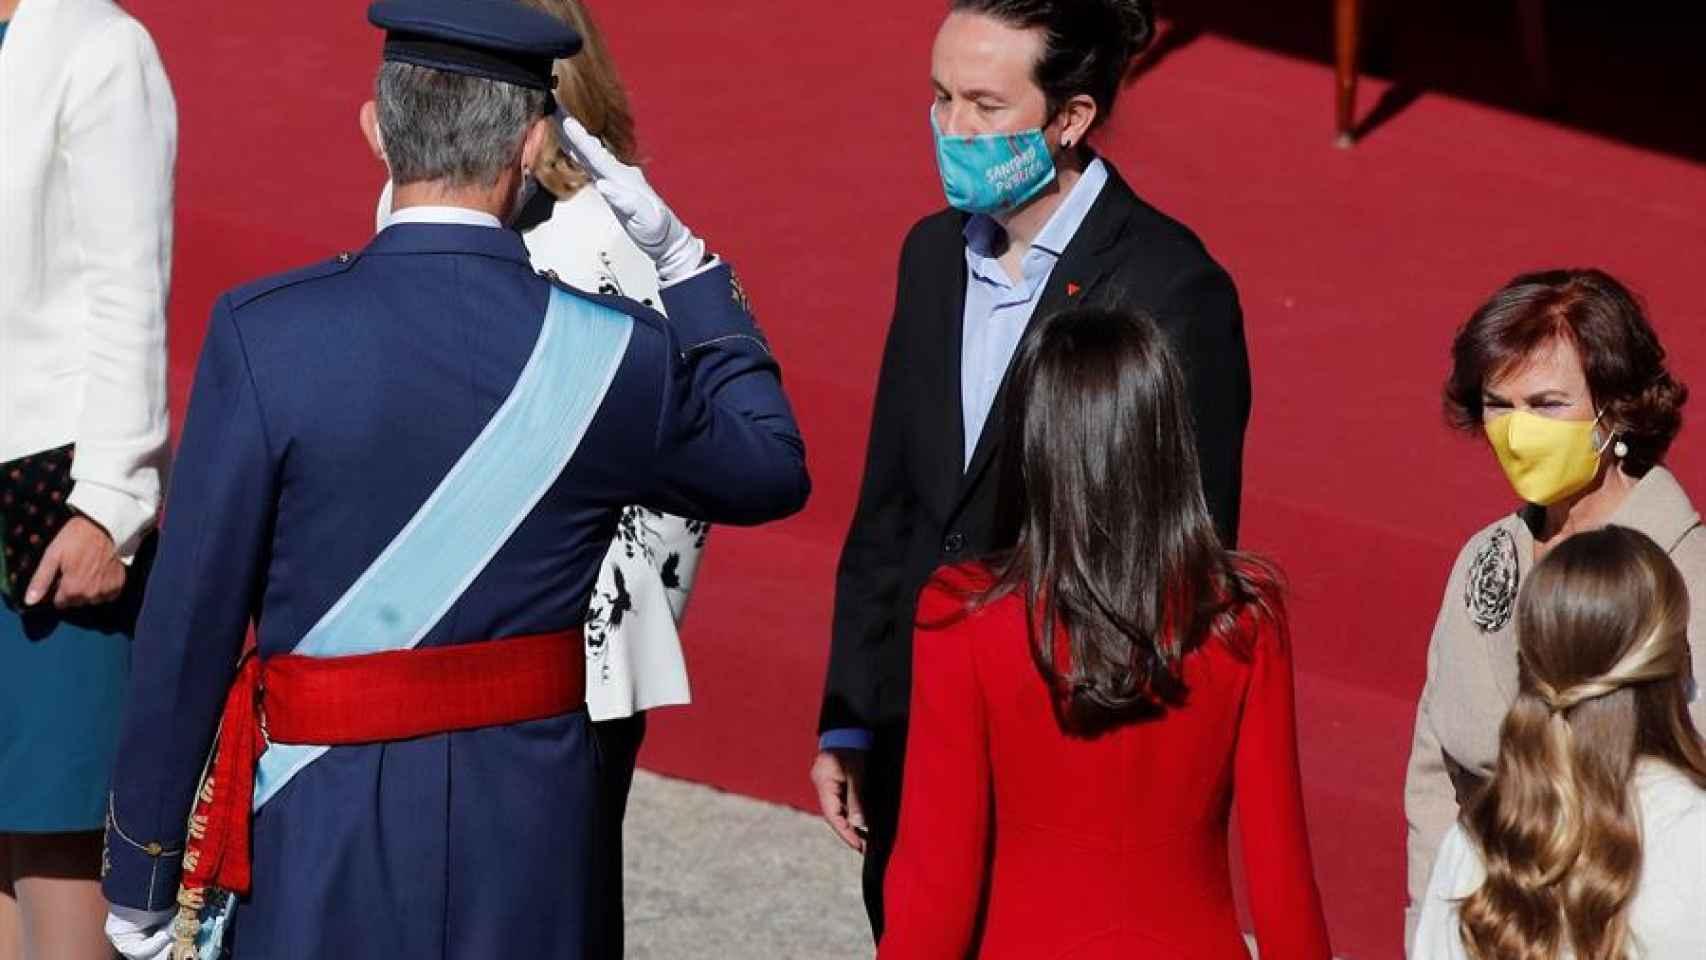 Pablo Iglesias saluda a Felipe VI en la ceremonia en el Palacio Real.